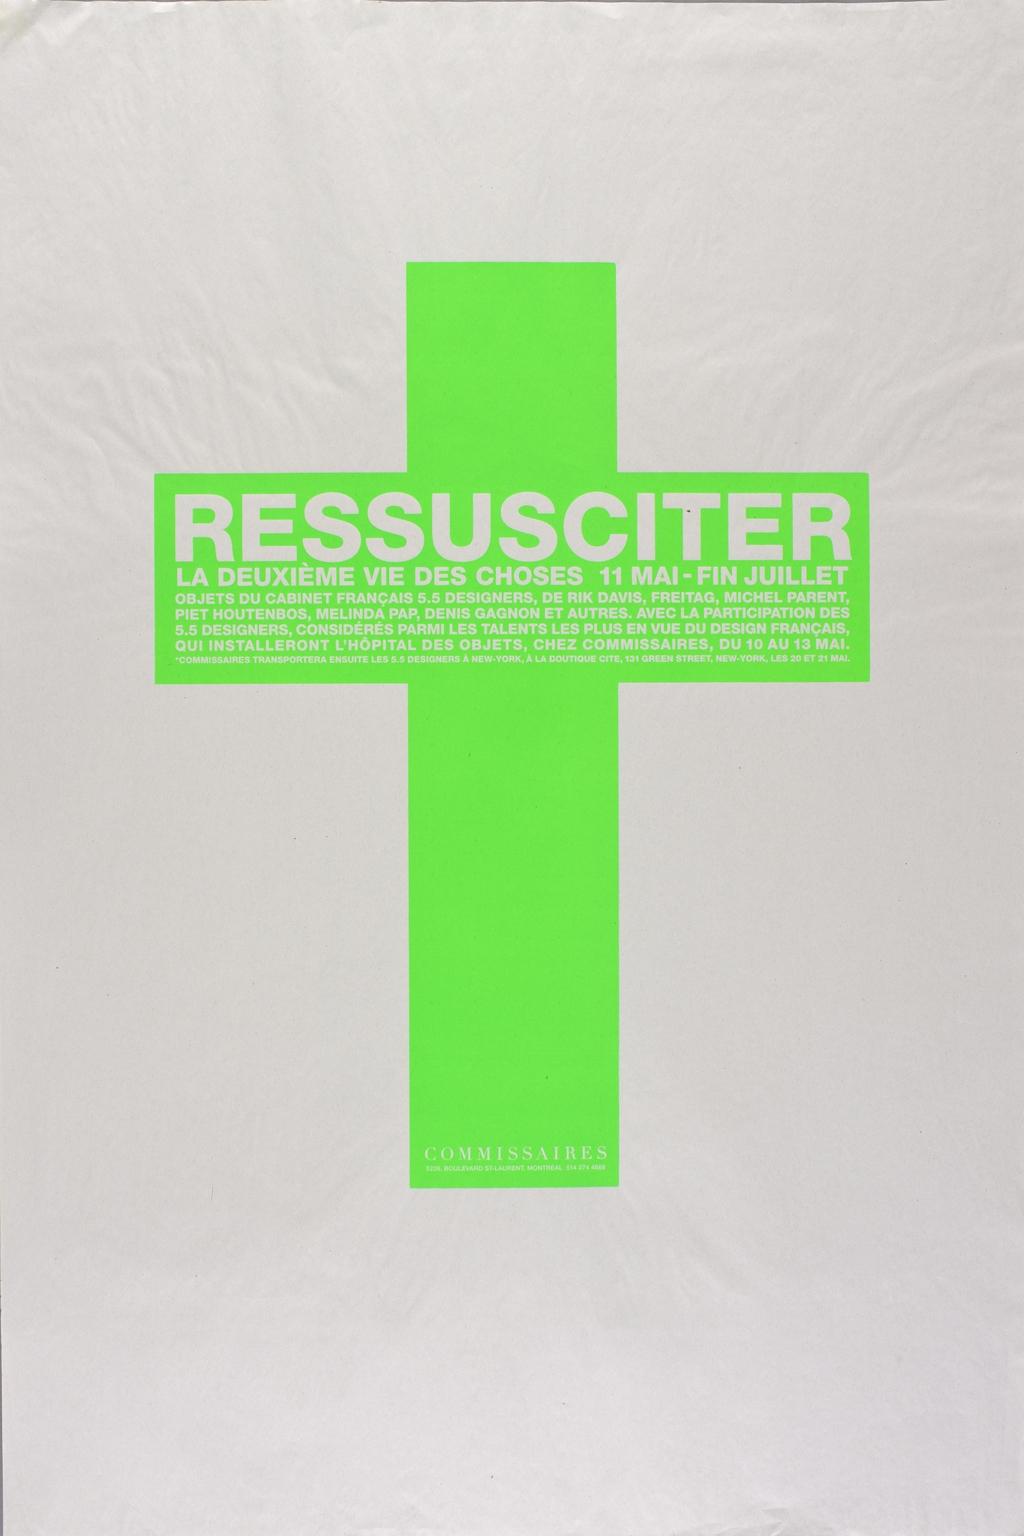 Affiche « Ressusciter. La Deuxième Vie des choses »